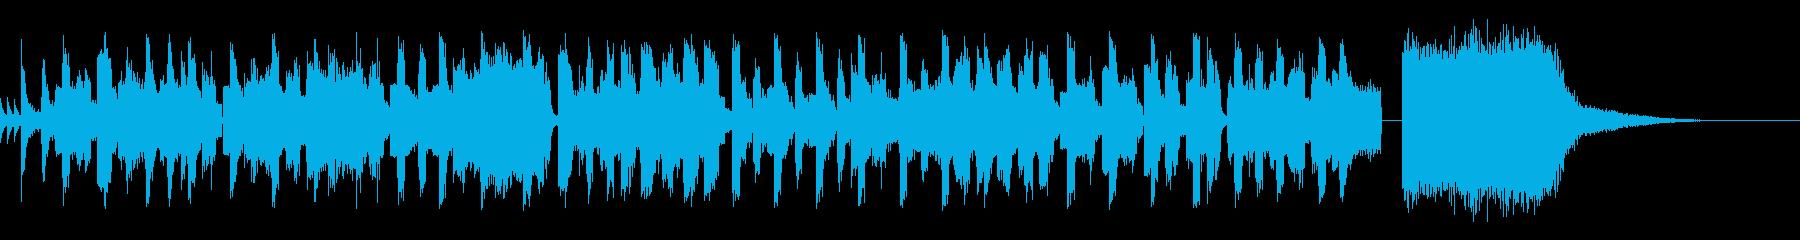 ジャジィーなノリノリピコピコミュージックの再生済みの波形